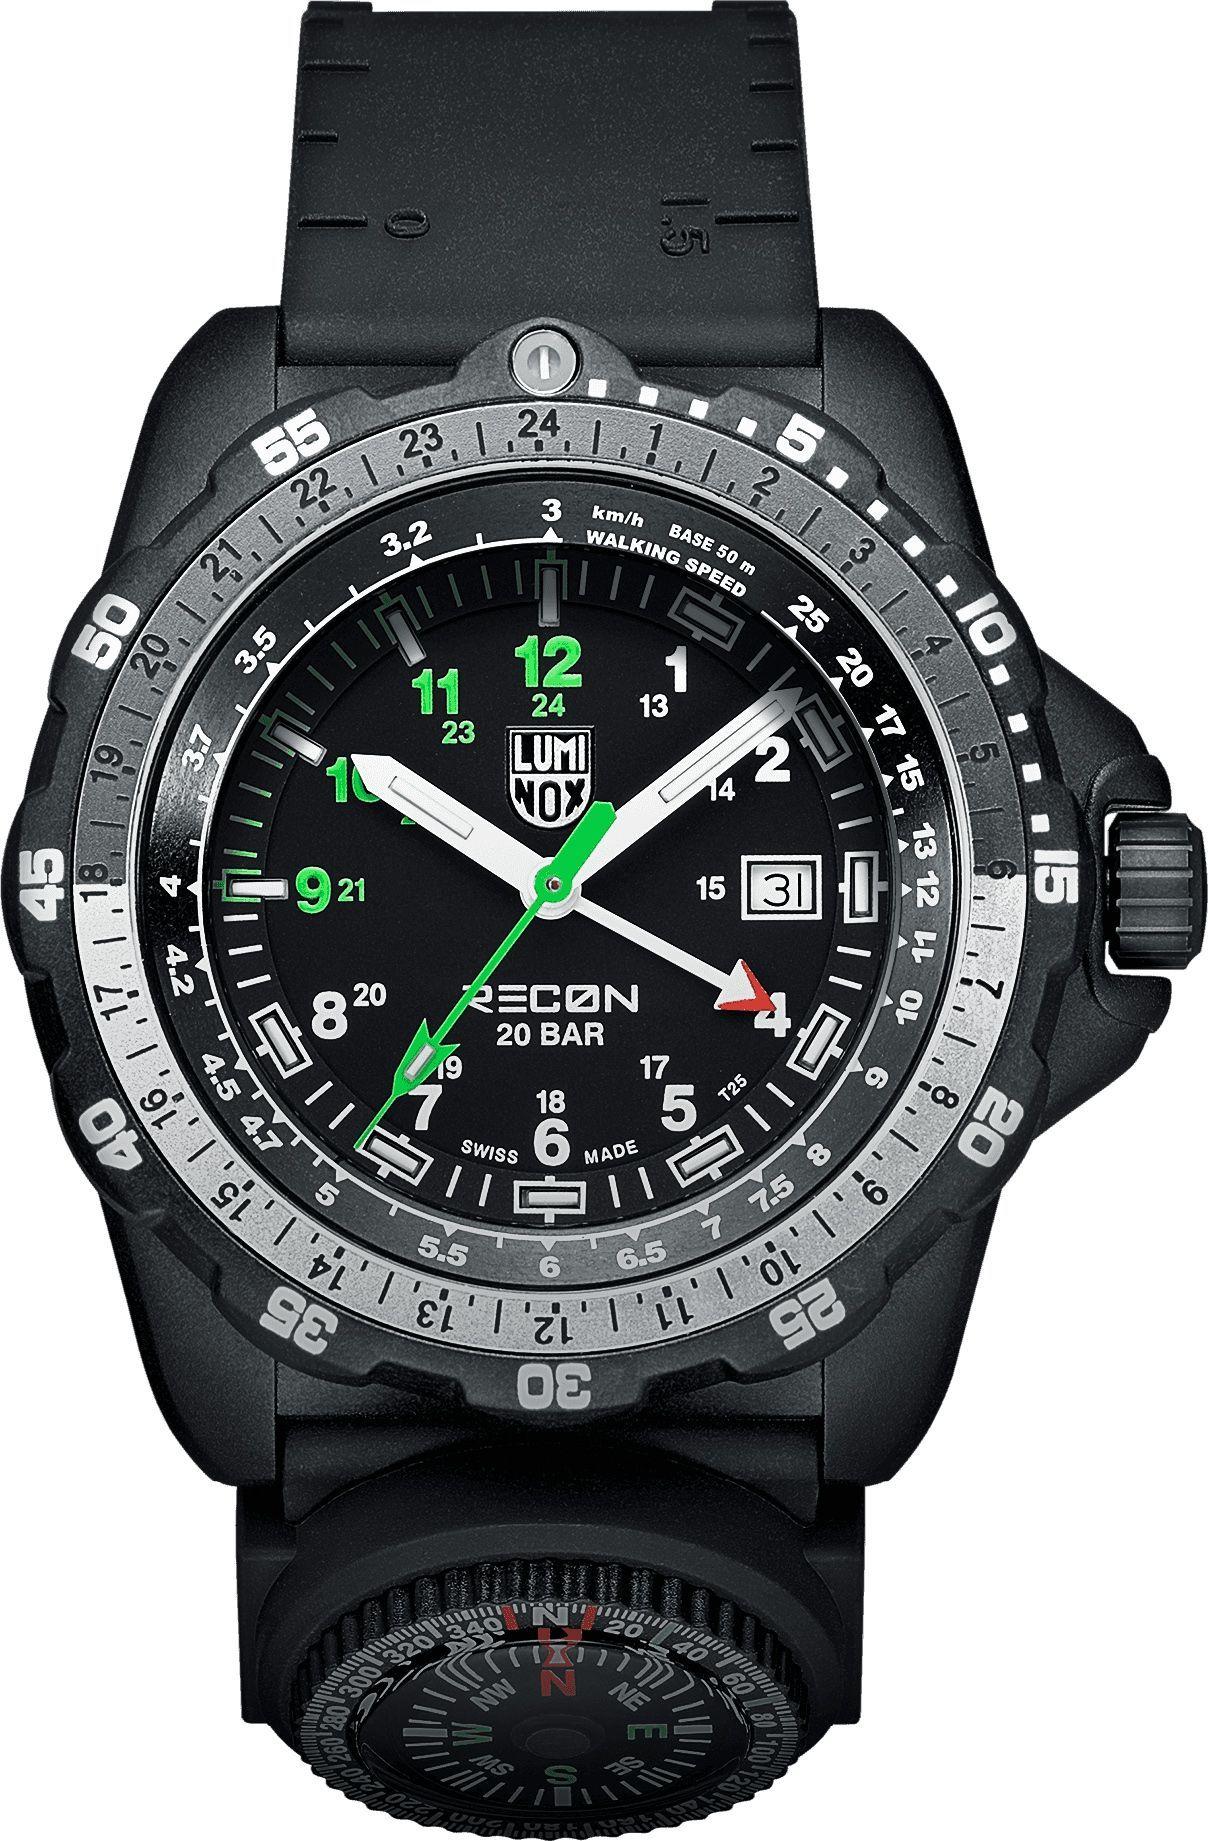 Часы с компасом и не только (With images) | Best watches for